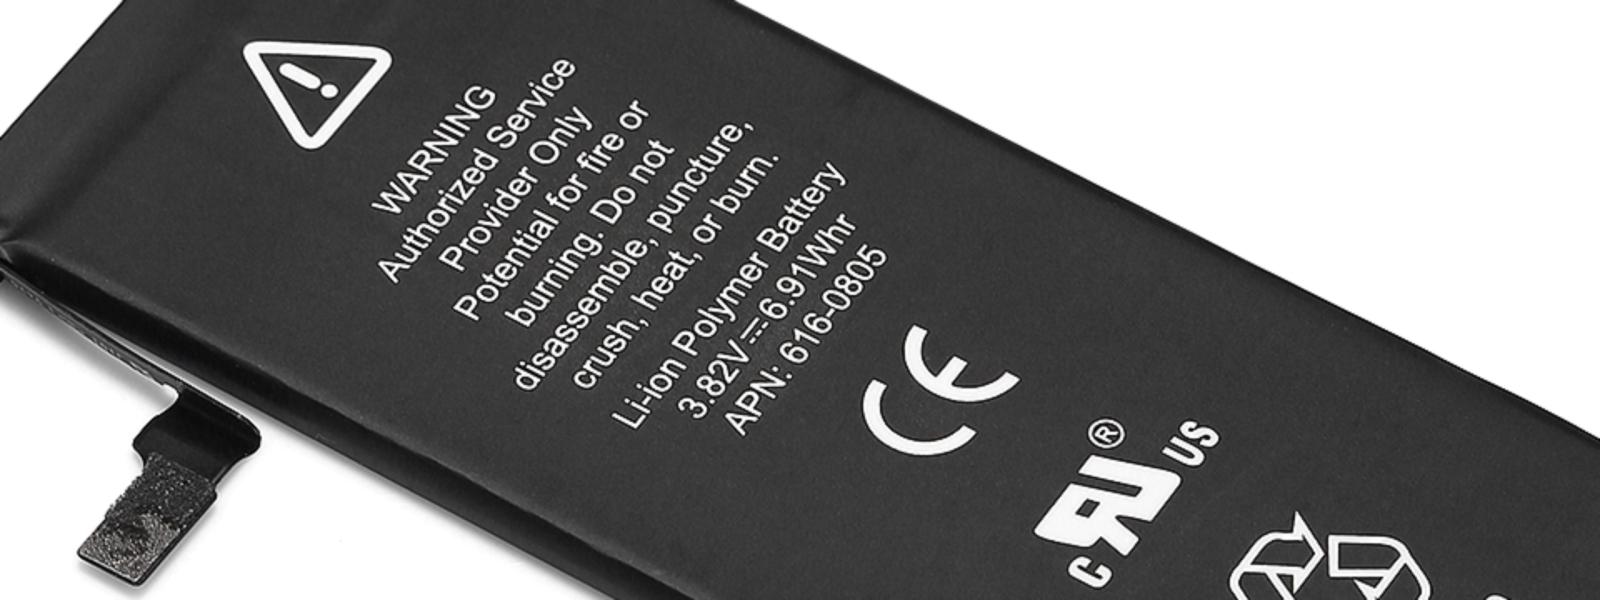 Jak poprawić wydajność i czas pracy baterii w iPhone?